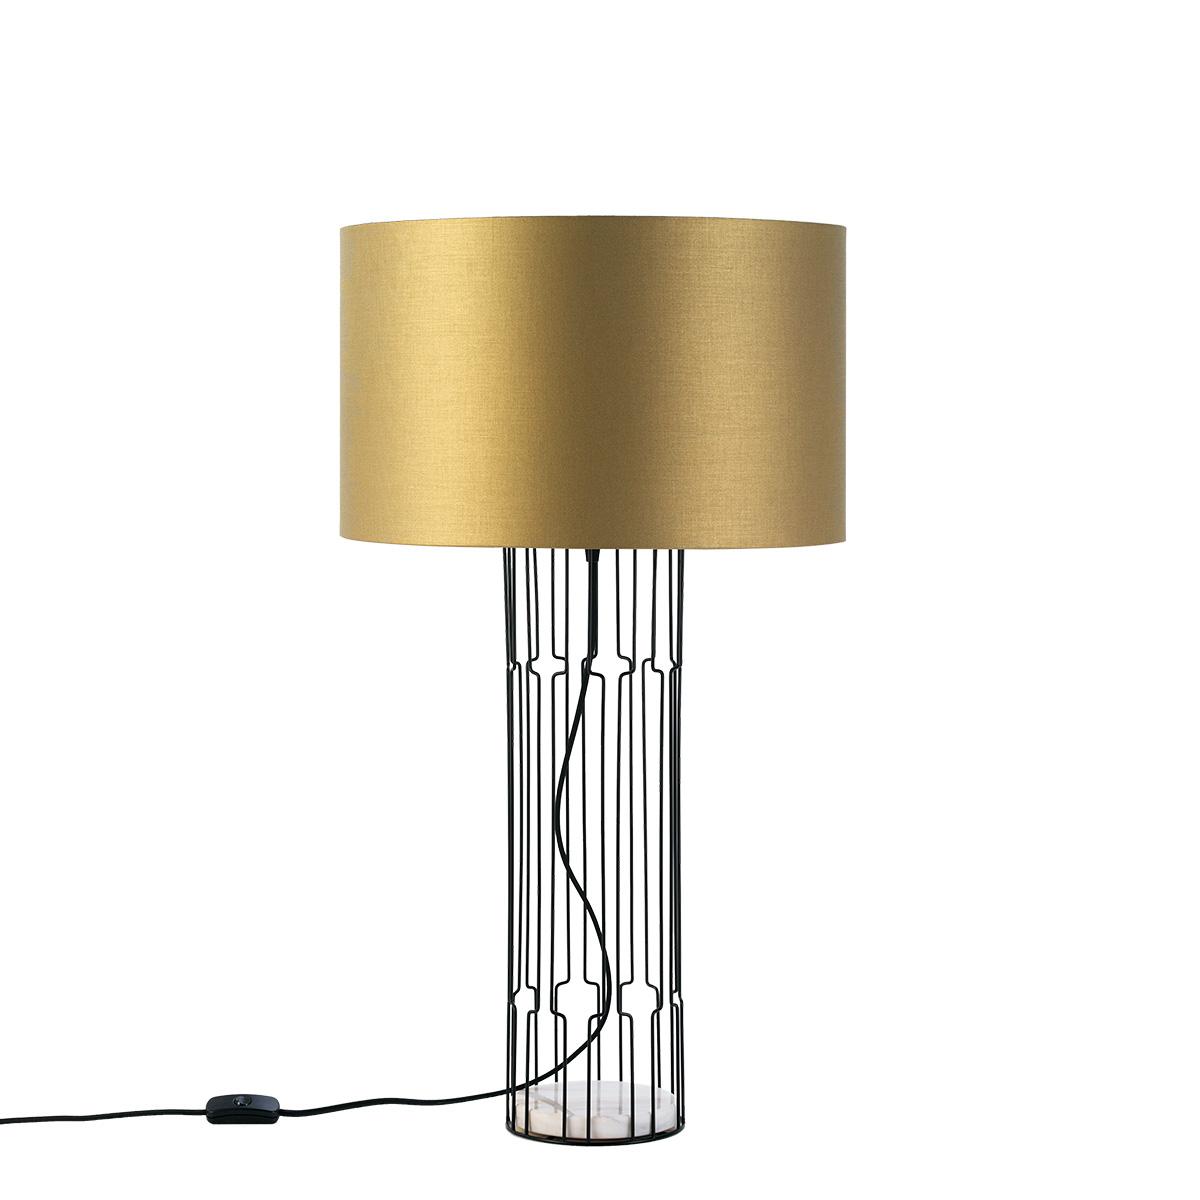 Μοντέρνο επιτραπέζιο φωτιστικό IMPERIAL modern table lamp